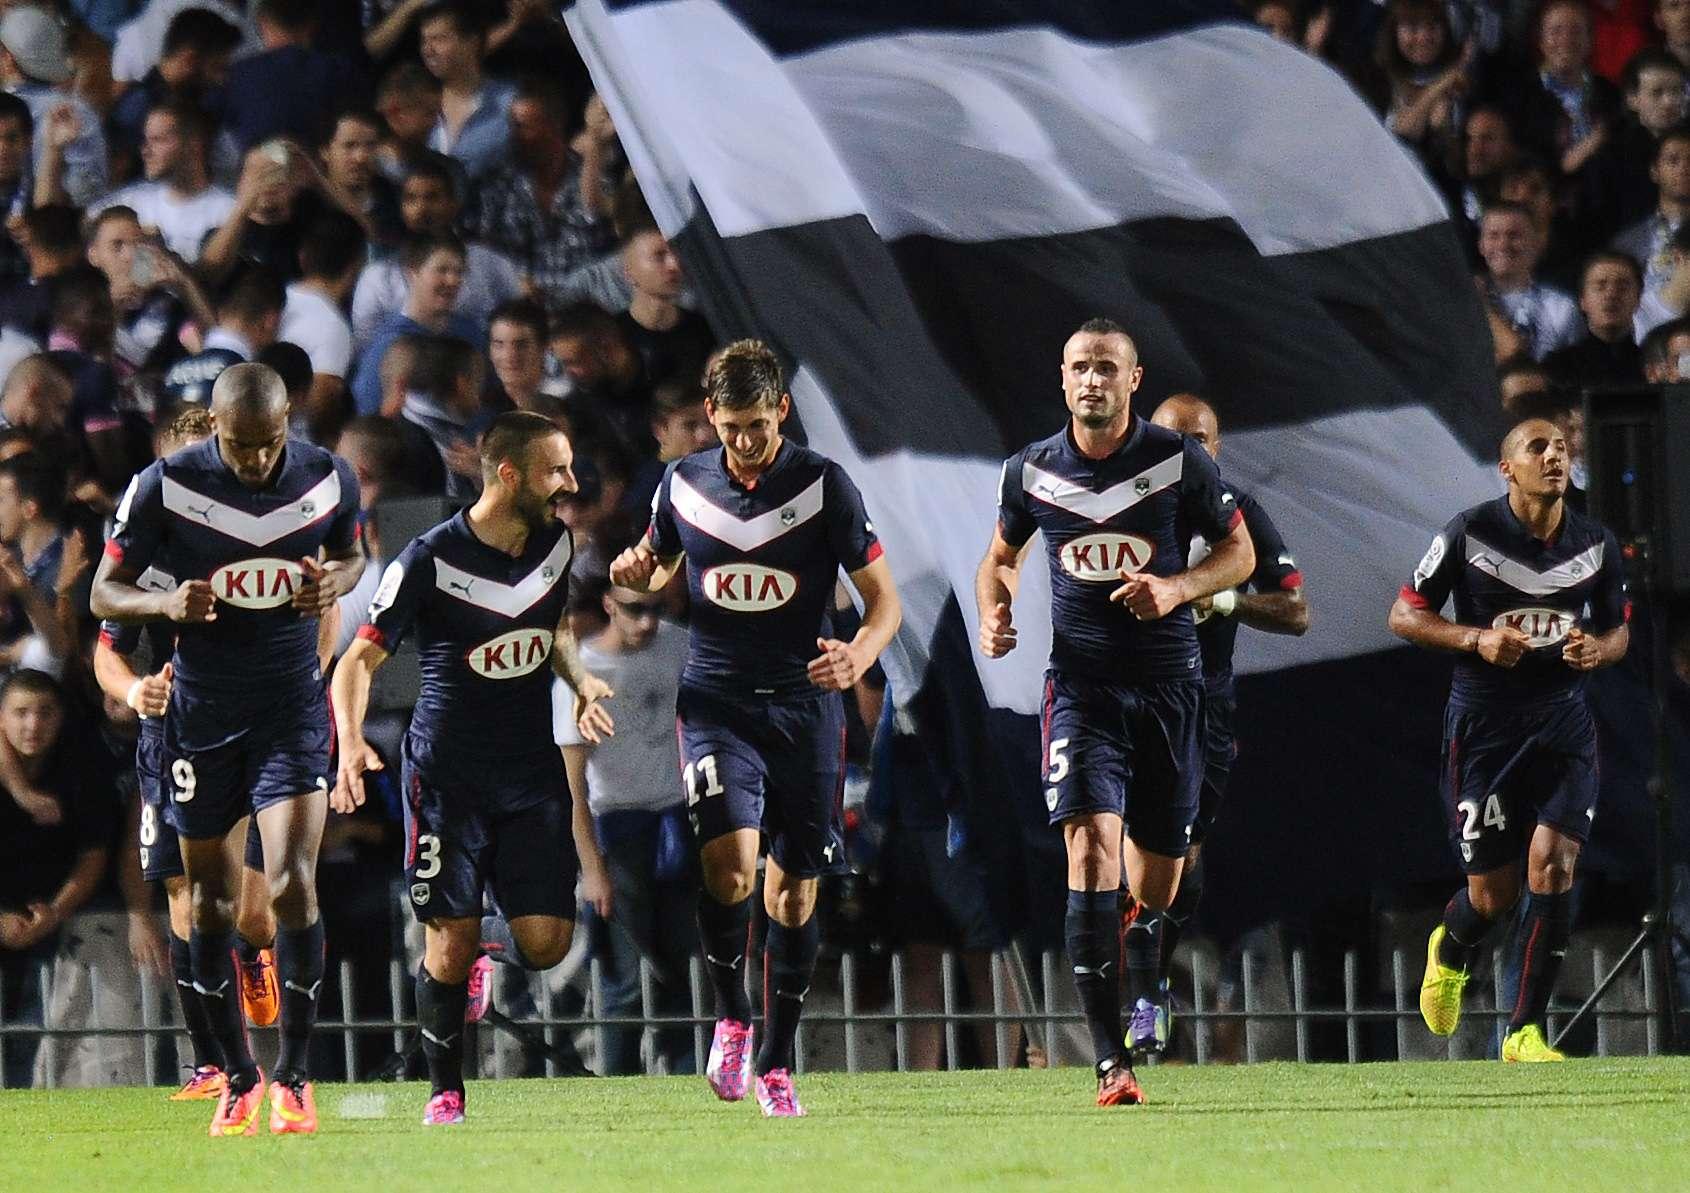 Burdeos golea 4-1 al Mónaco y se coloca líder en Francia